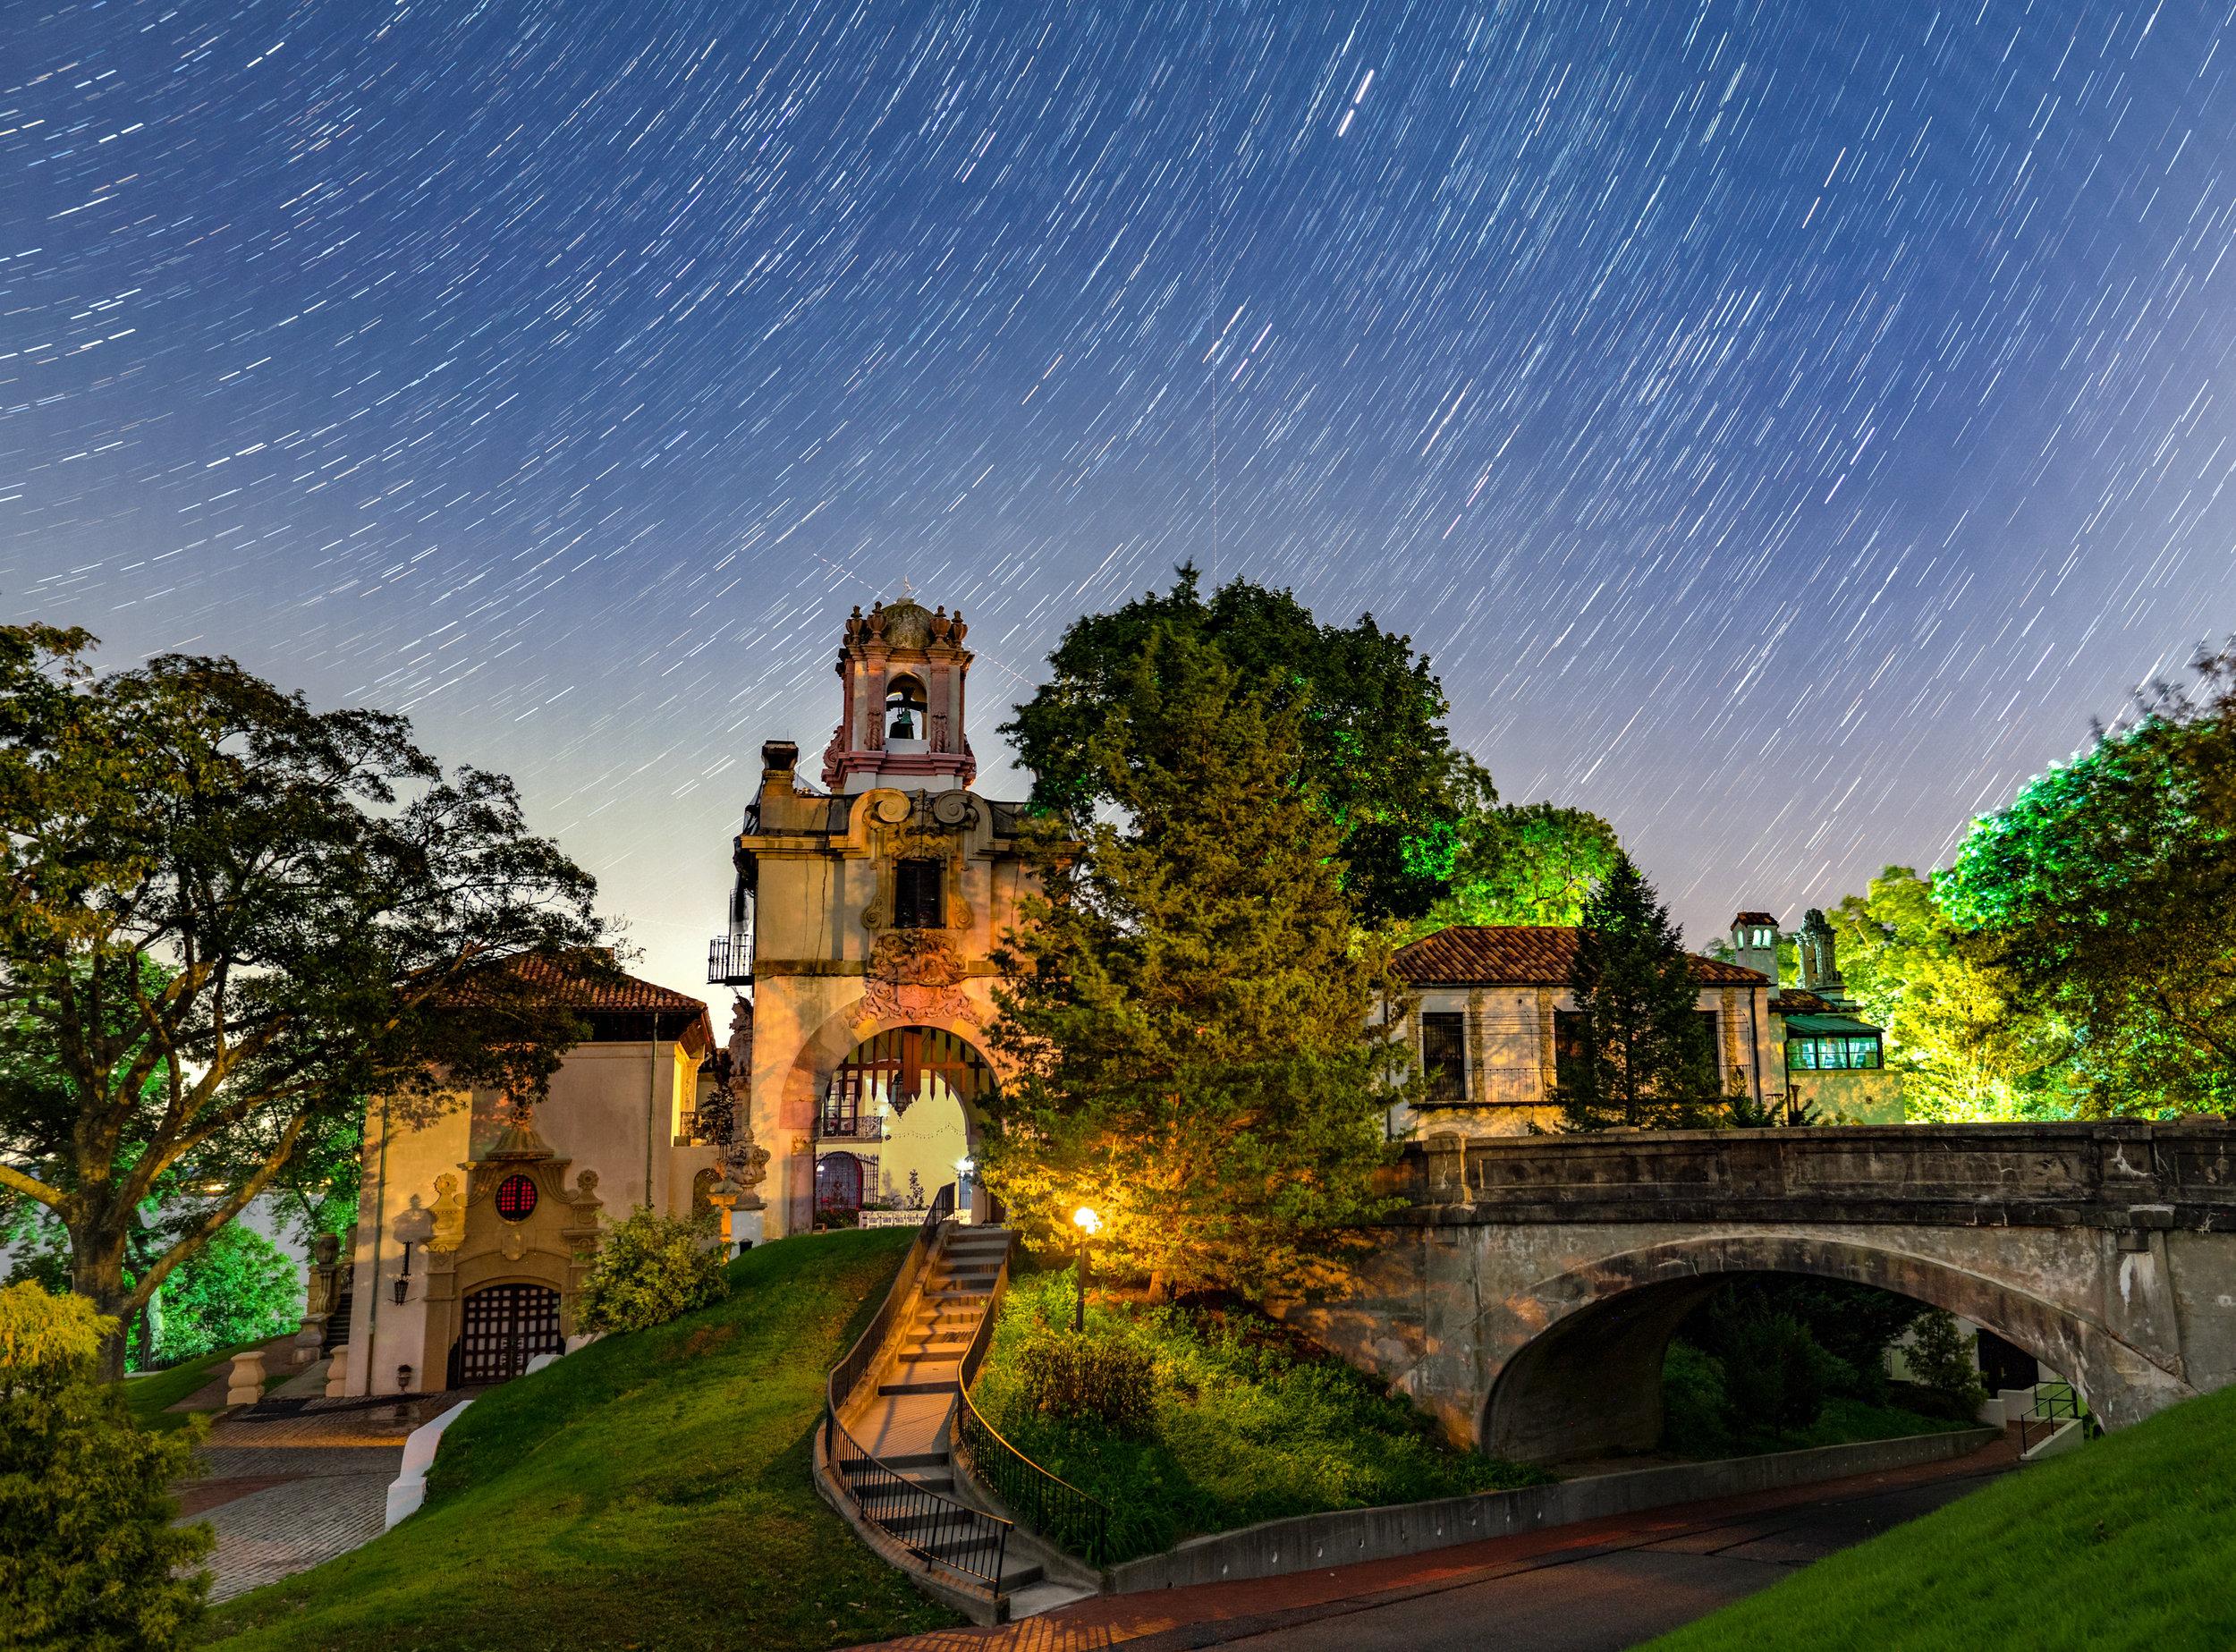 Midnight at the Vanderbilt Museum